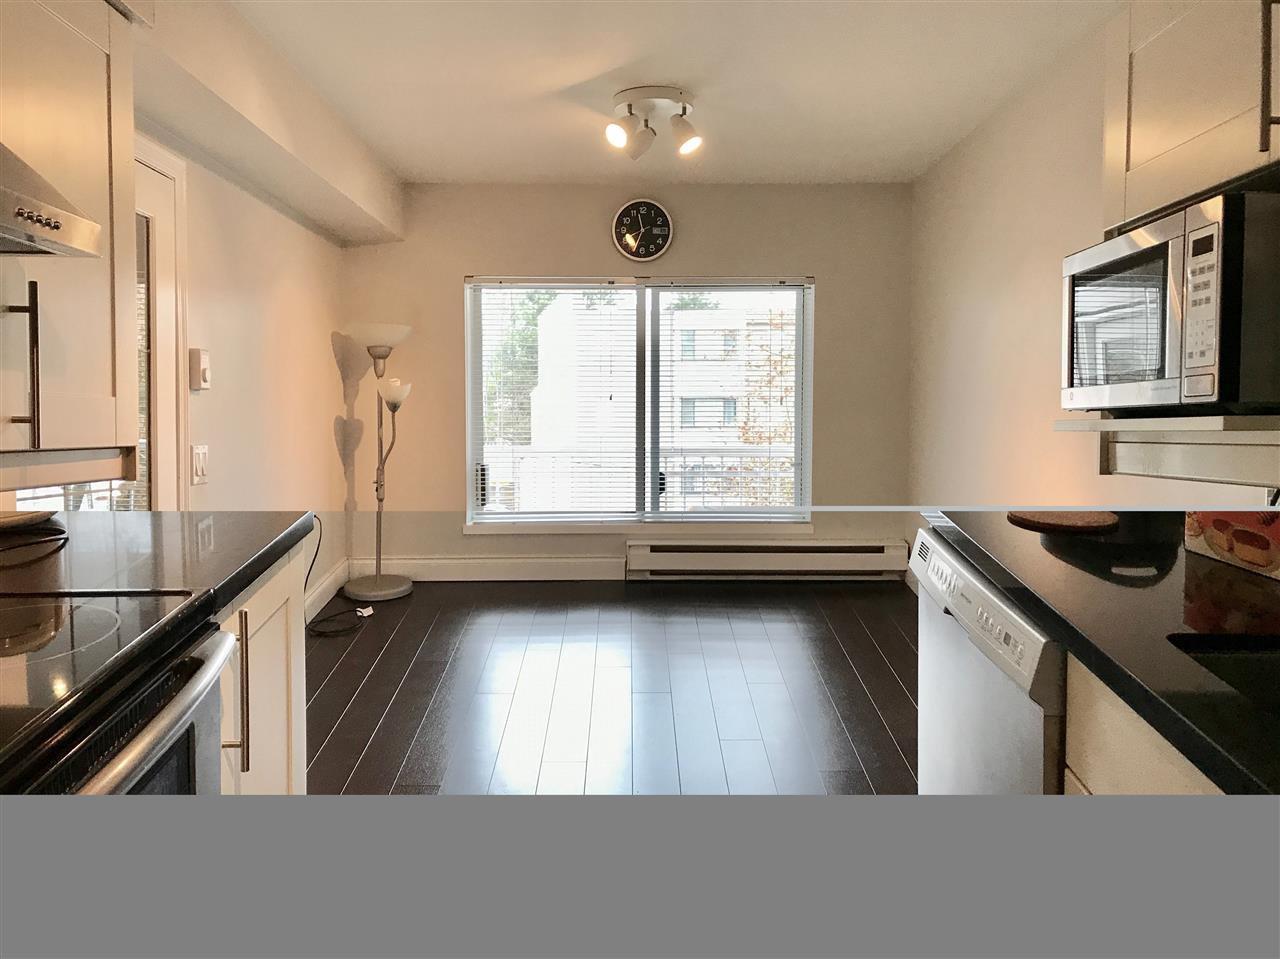 """Photo 5: Photos: 202 5500 ARCADIA Road in Richmond: Brighouse Condo for sale in """"REGENCY VILLA"""" : MLS®# R2159326"""